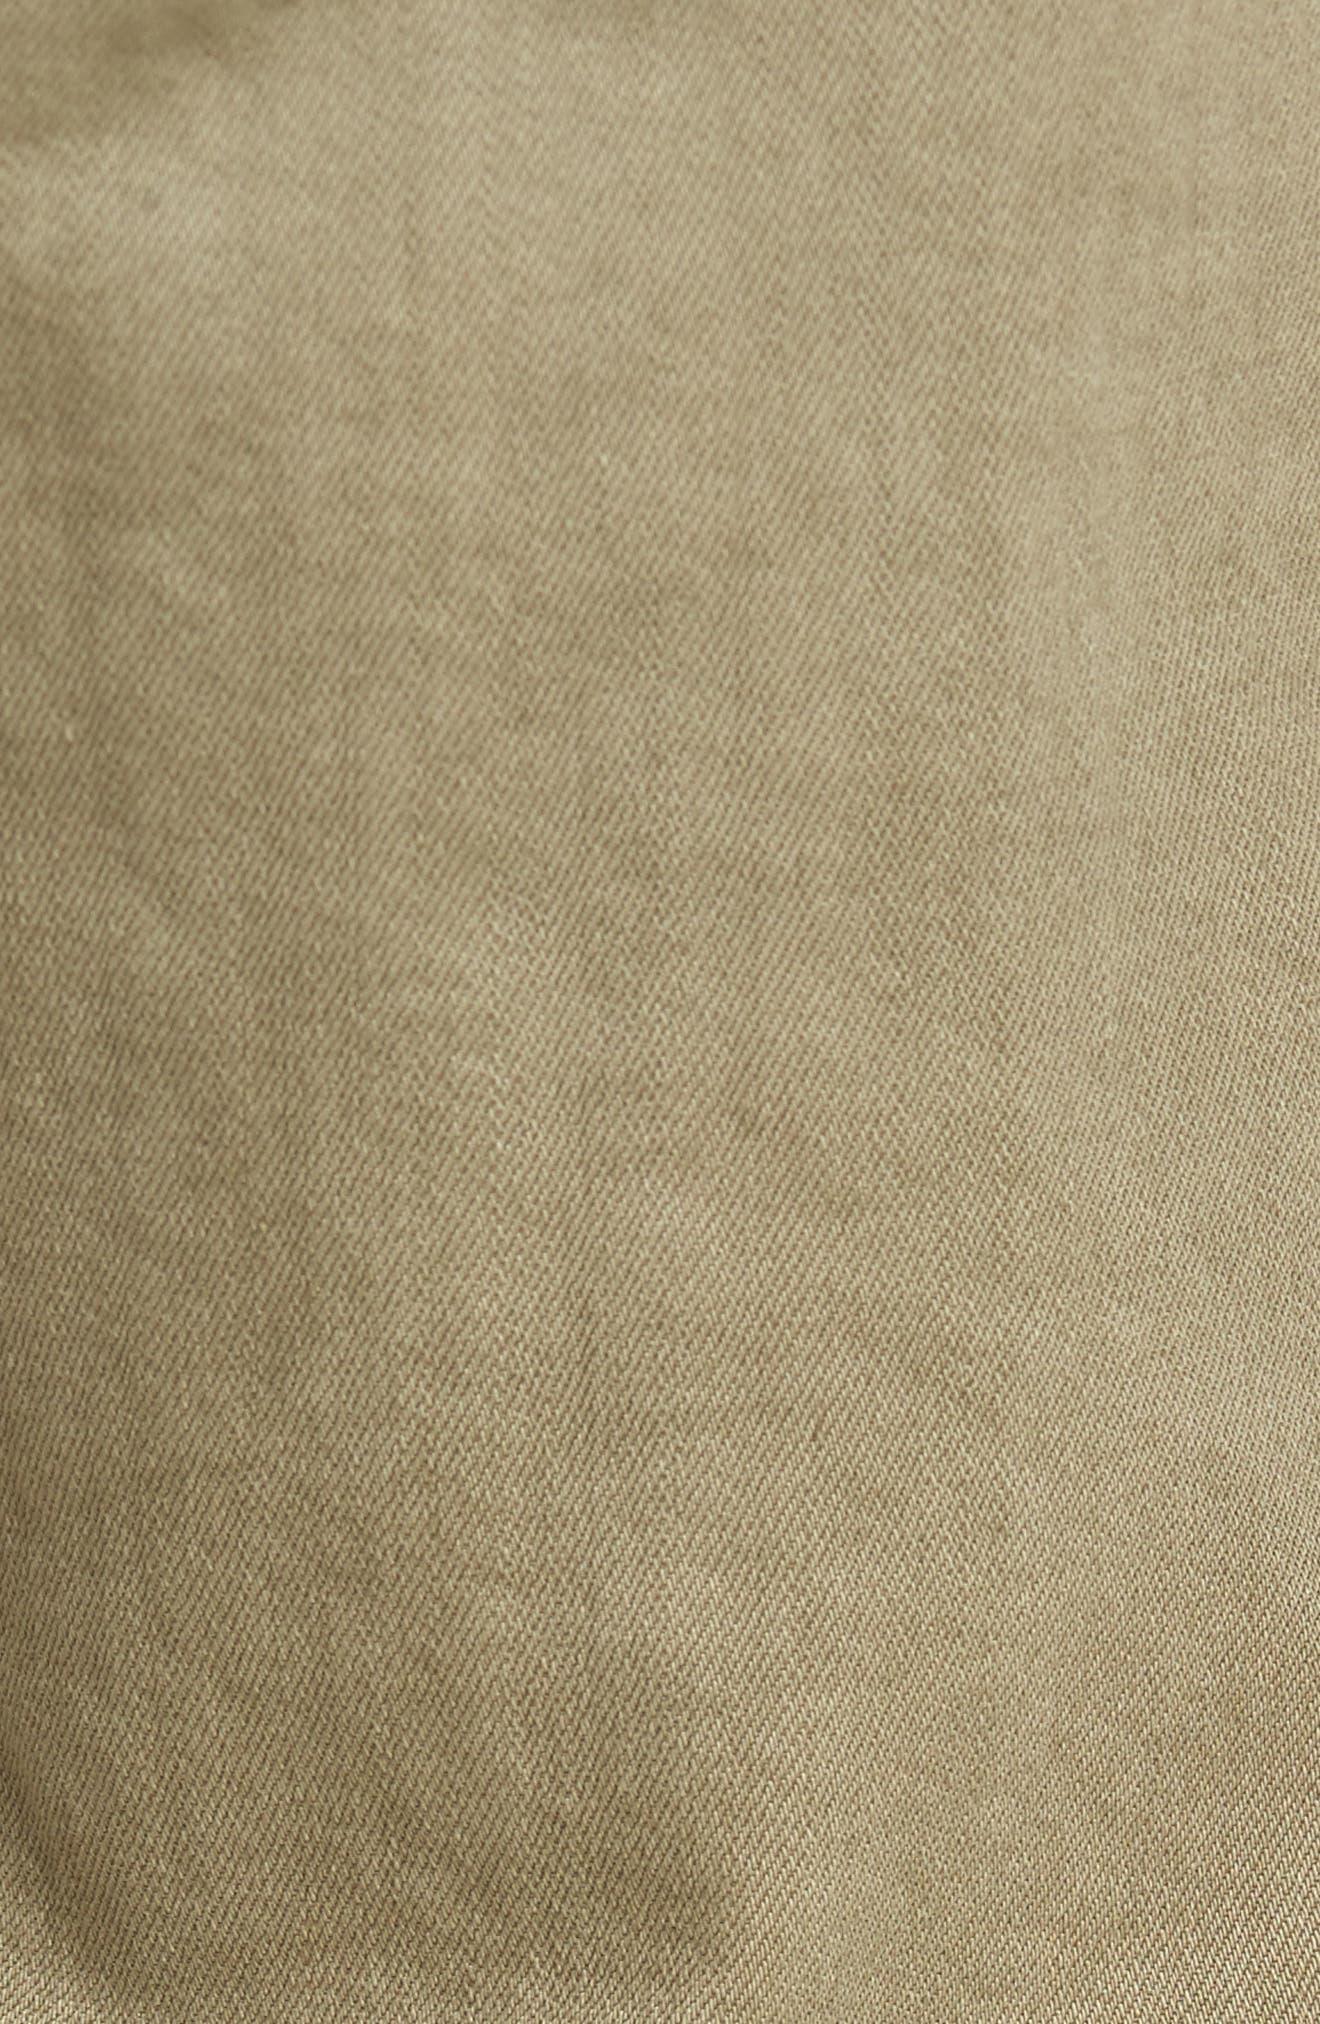 Alternate Image 5  - AG Tellis Slim Fit Jeans (7 Years Dry Cypress)